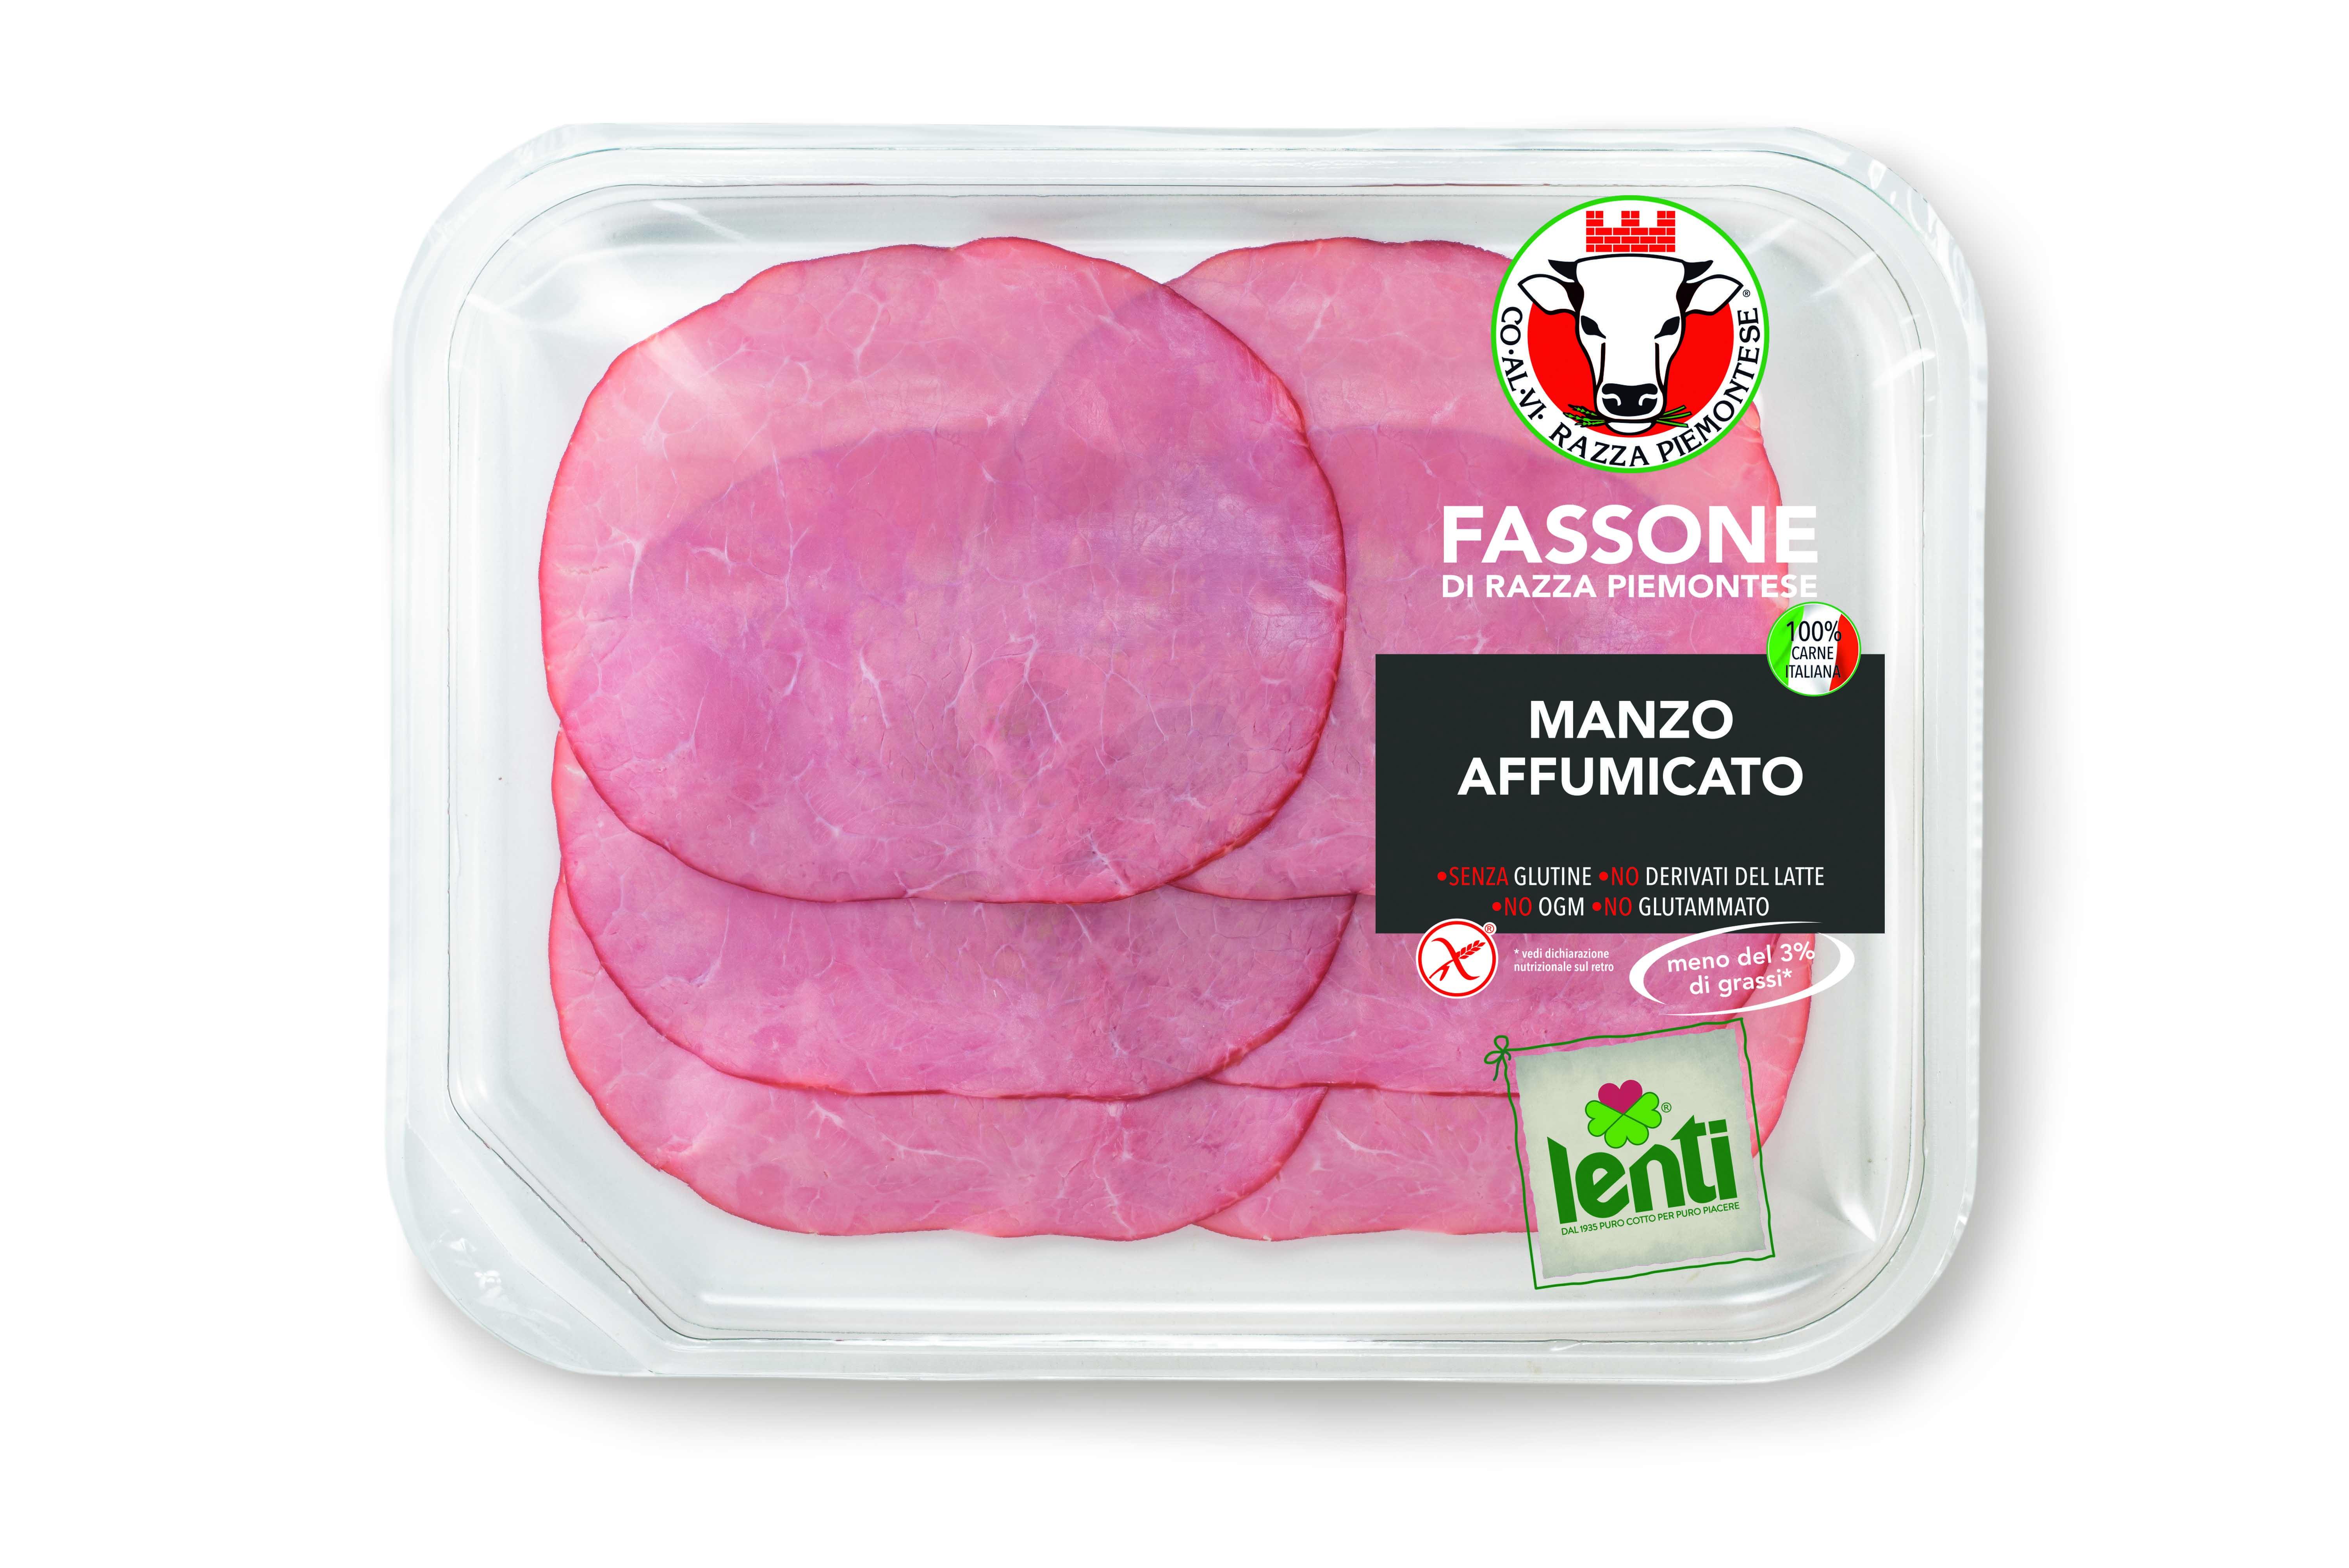 Manzo affumicato di Fassone di Razza Piemontese in Vaschette